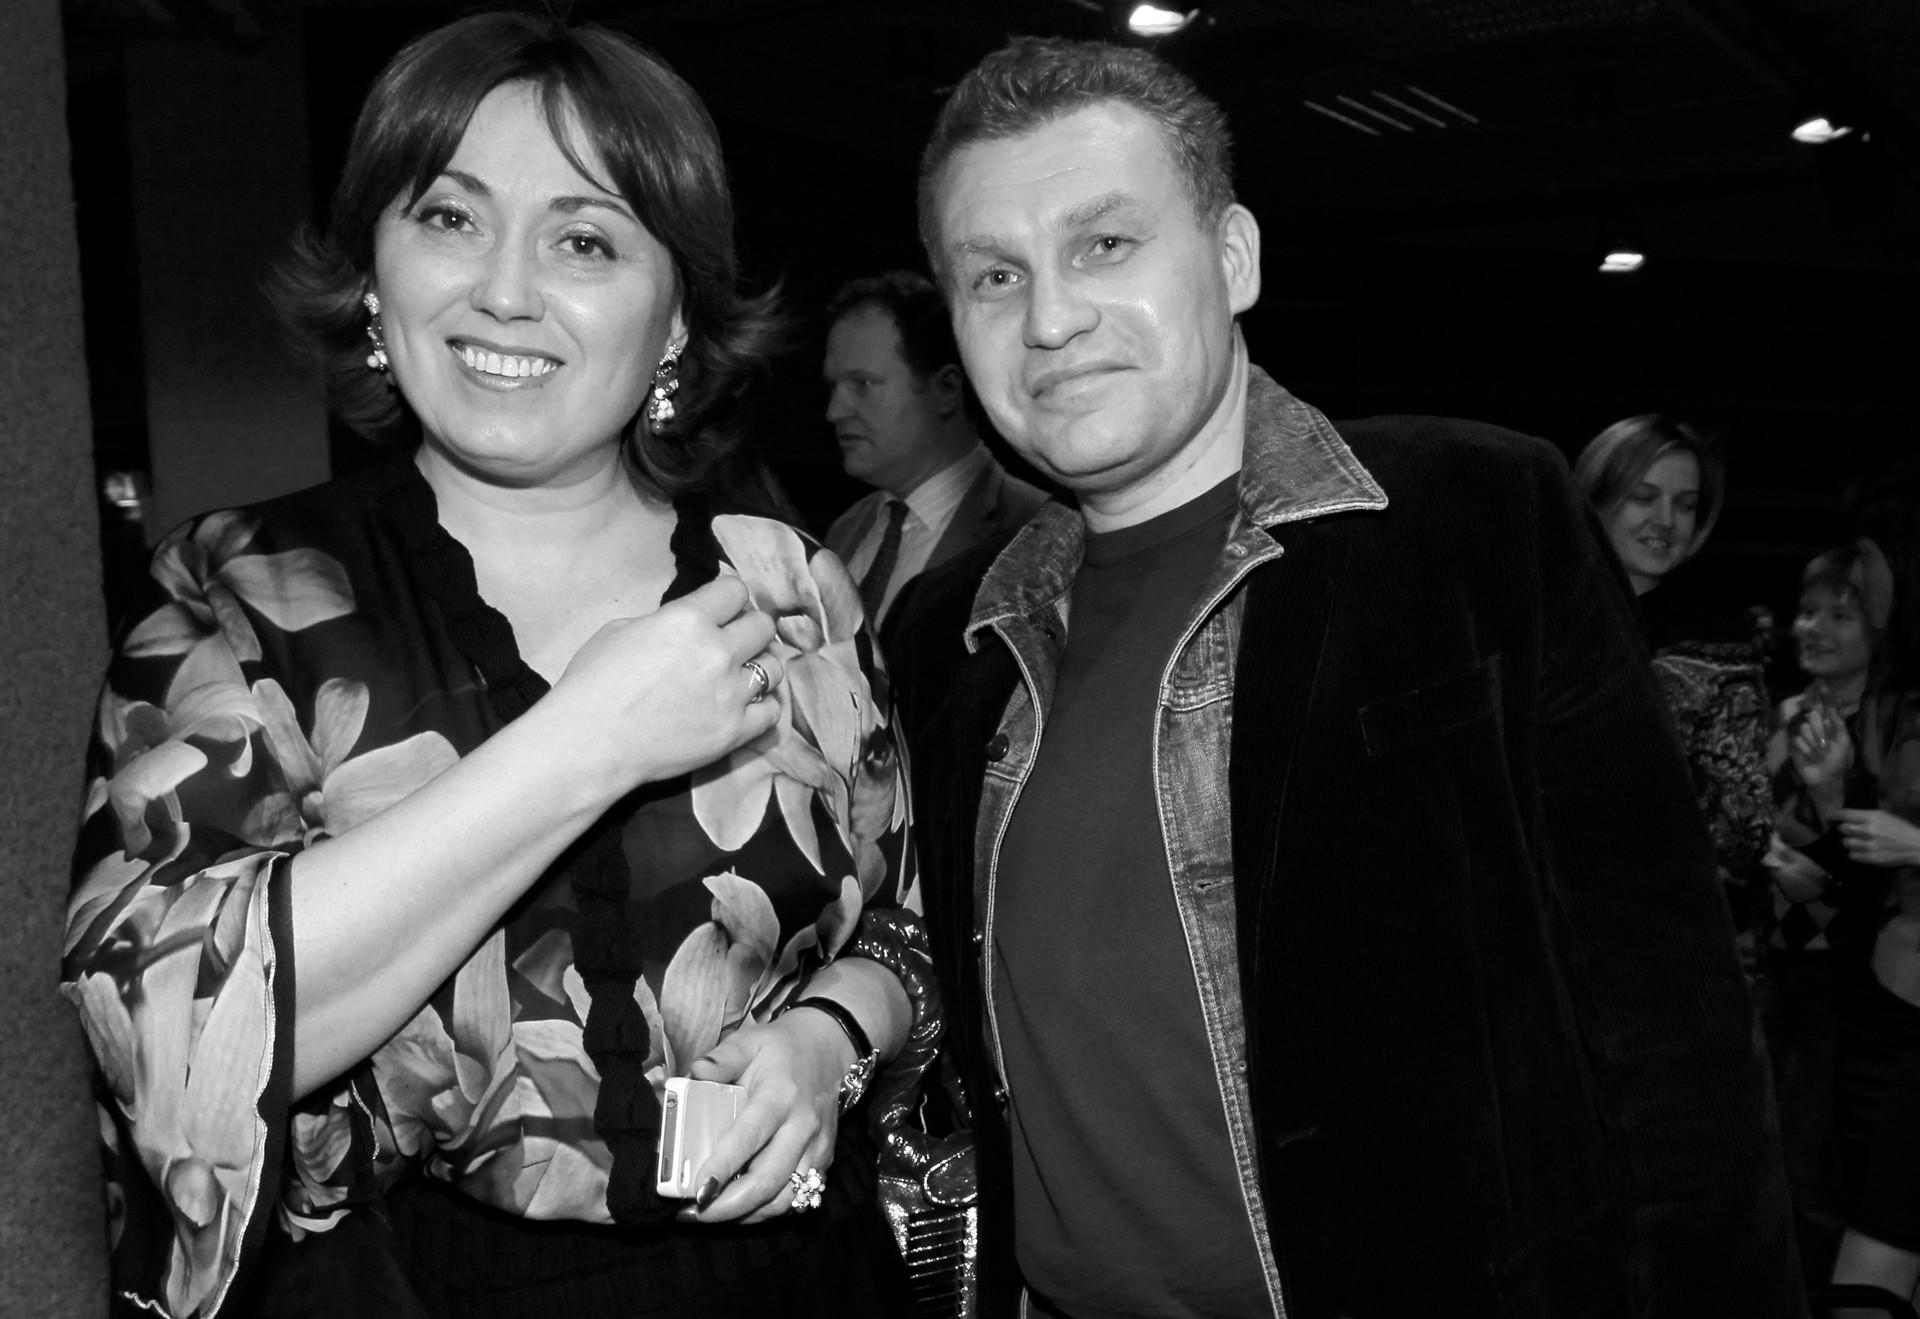 """Бывший владелец холдинга """"Марта"""" Георгий Трефилов с супругой в Лондоне. Фото: ©РИА Новости/Валерий Левитин"""